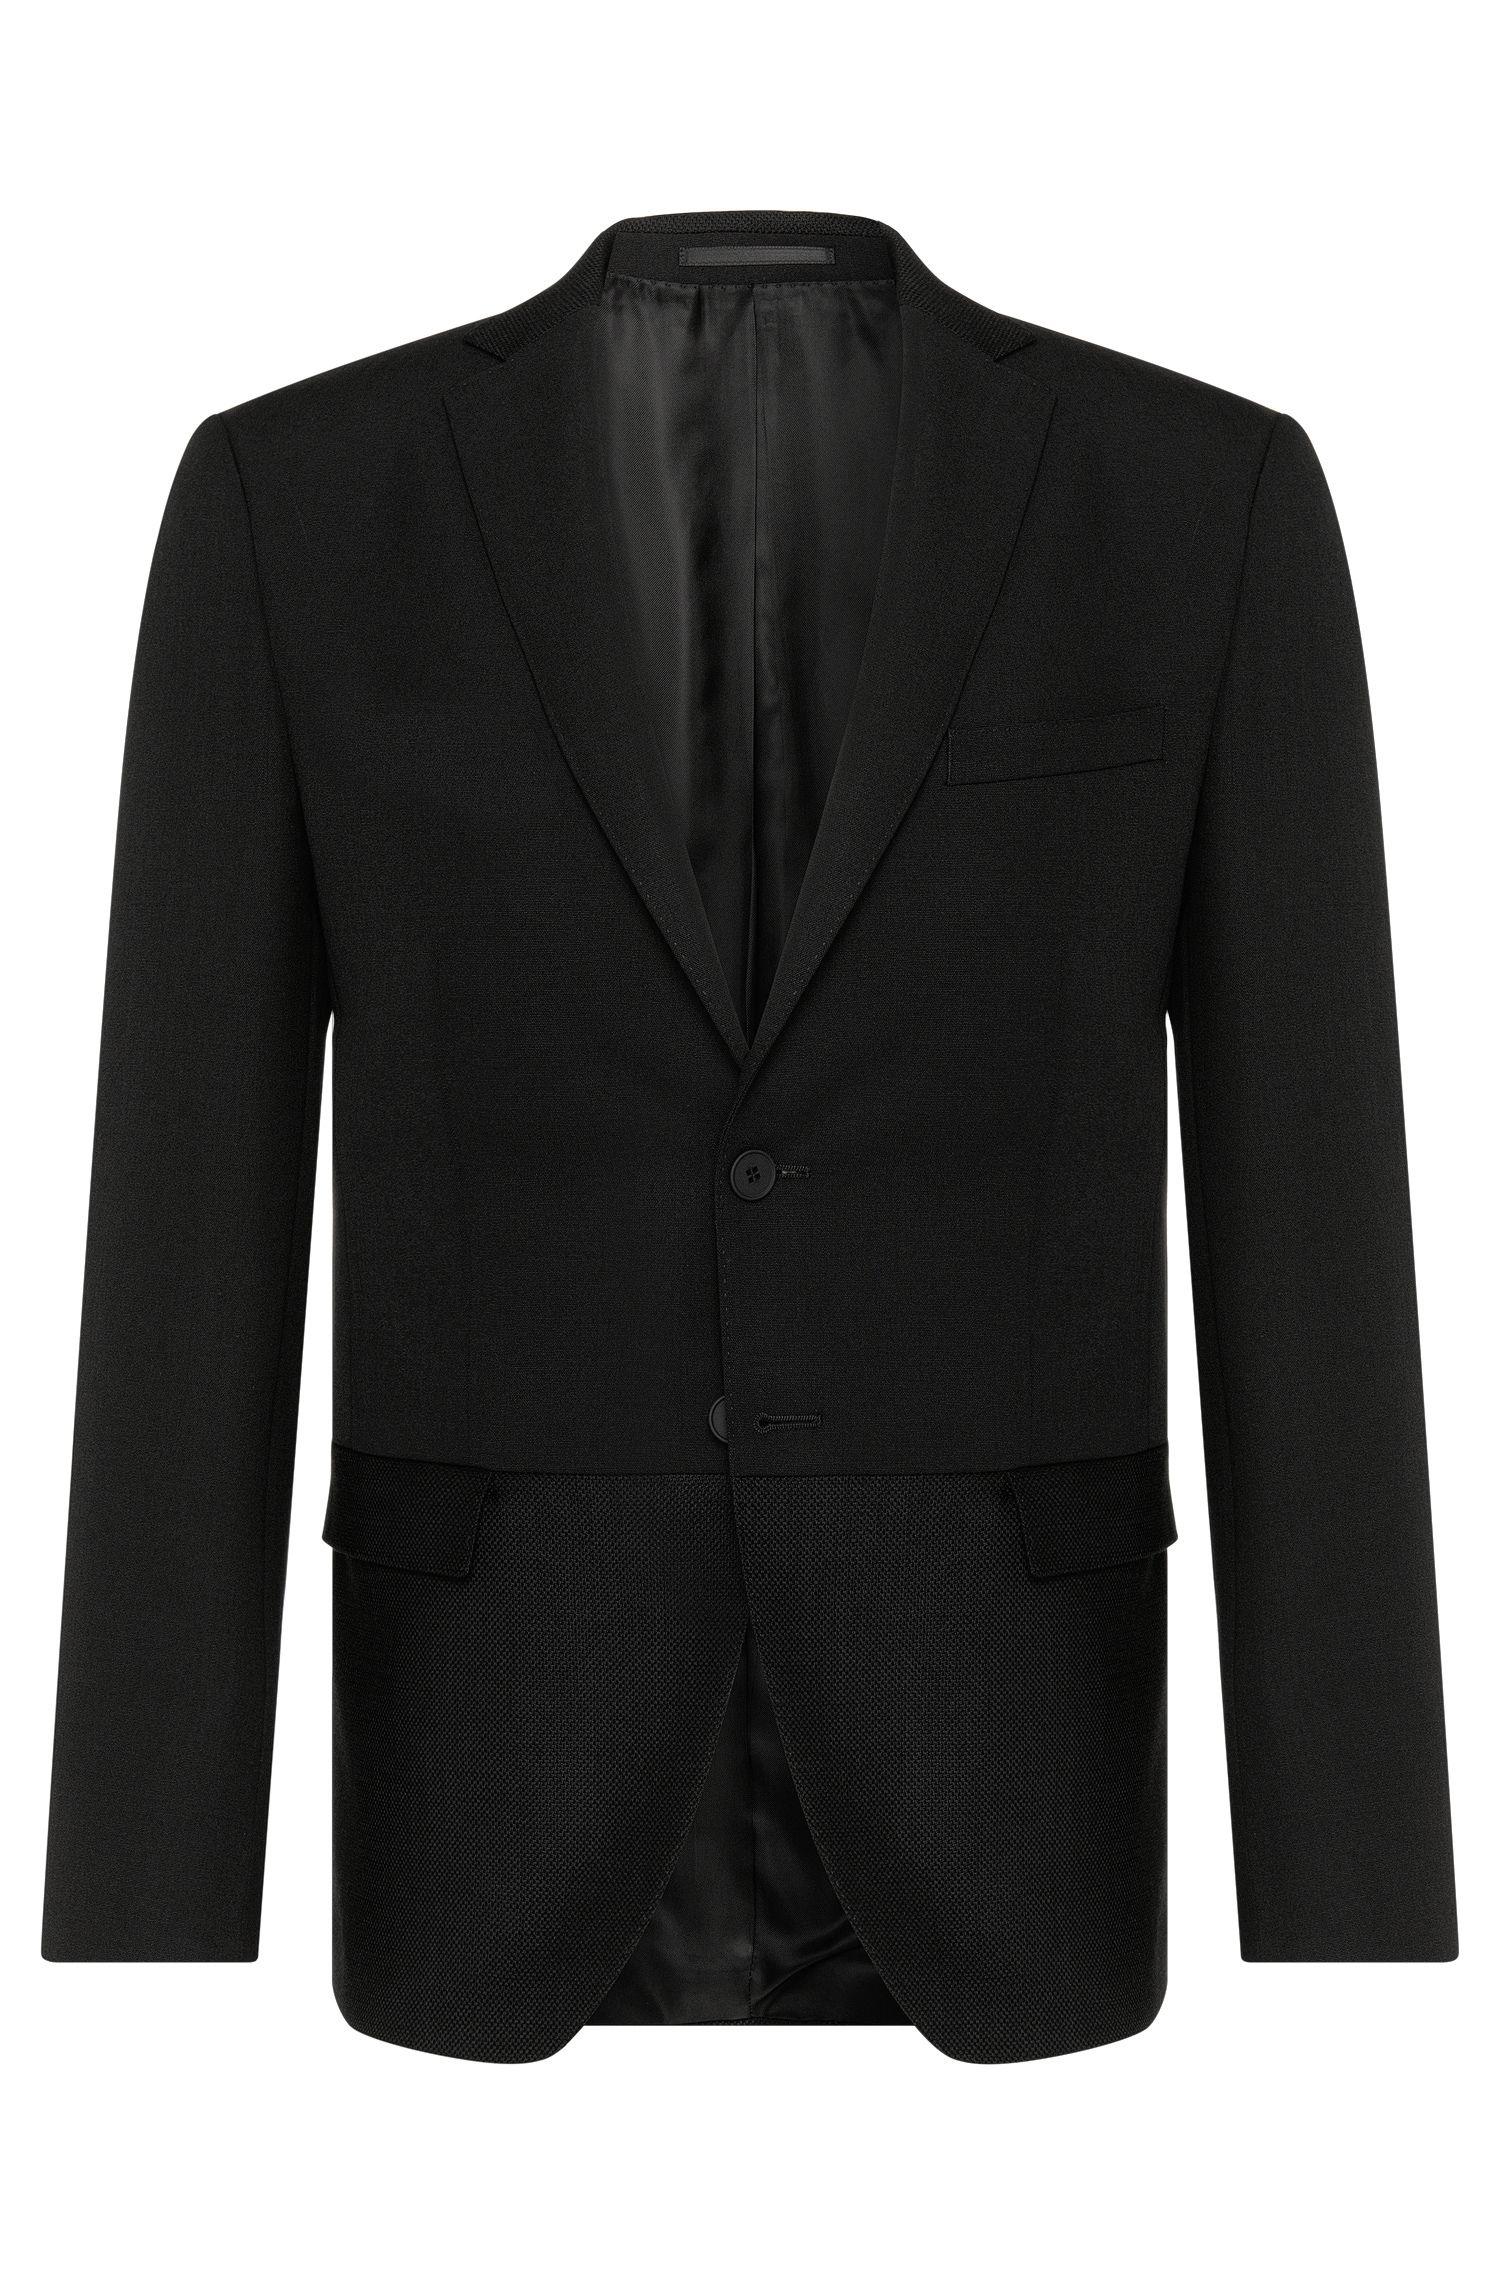 Virgin Wool Mohair Sport Coat, Extra Slim Fit   Reevon